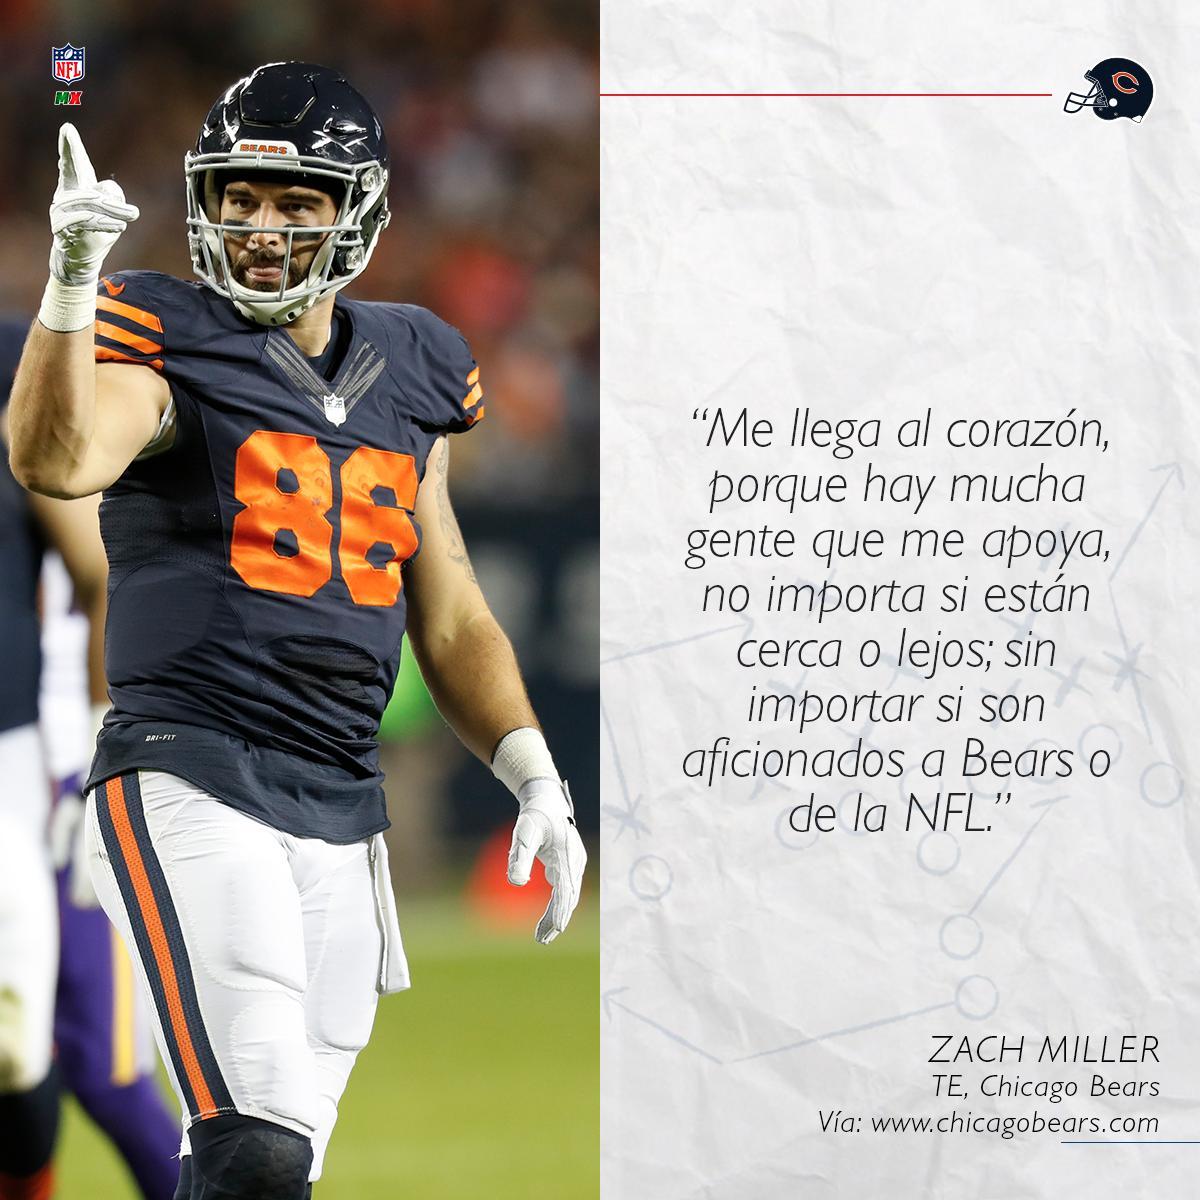 ¡Los aficionados reconocen su talento! 👏😎 El ala cerrada, @ZMiller86 de los @ChicagoBears agradece el apoyo de sus seguidores, incluso mencionó que en México lo siguen mucho 🔝😱 #DaBears #NFLMX